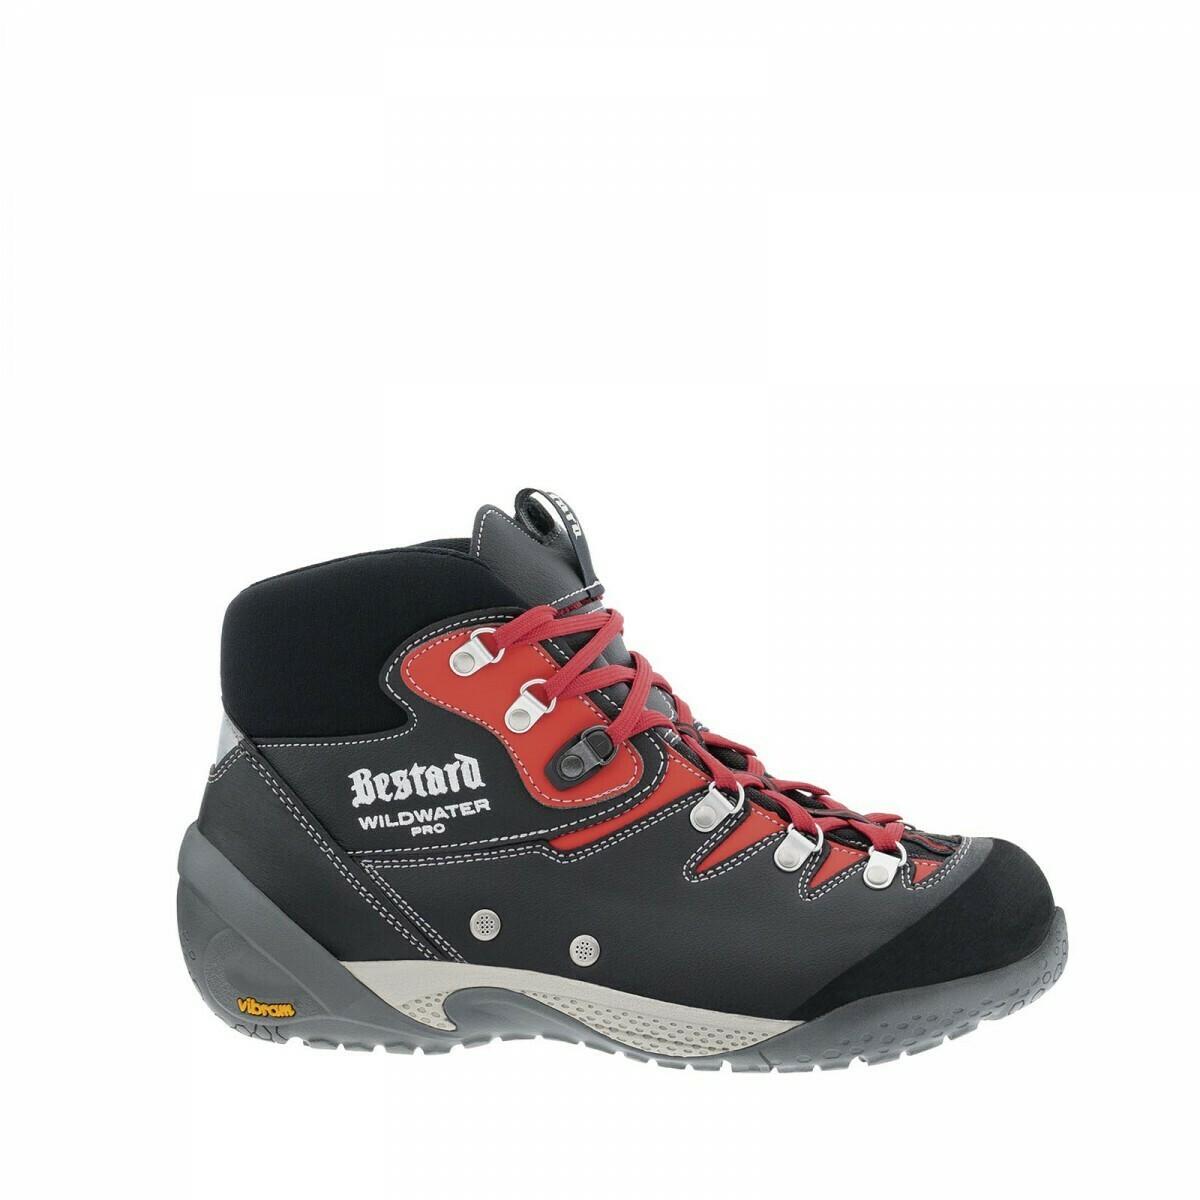 Bestard Wildwater Pro Canyoning Shoe